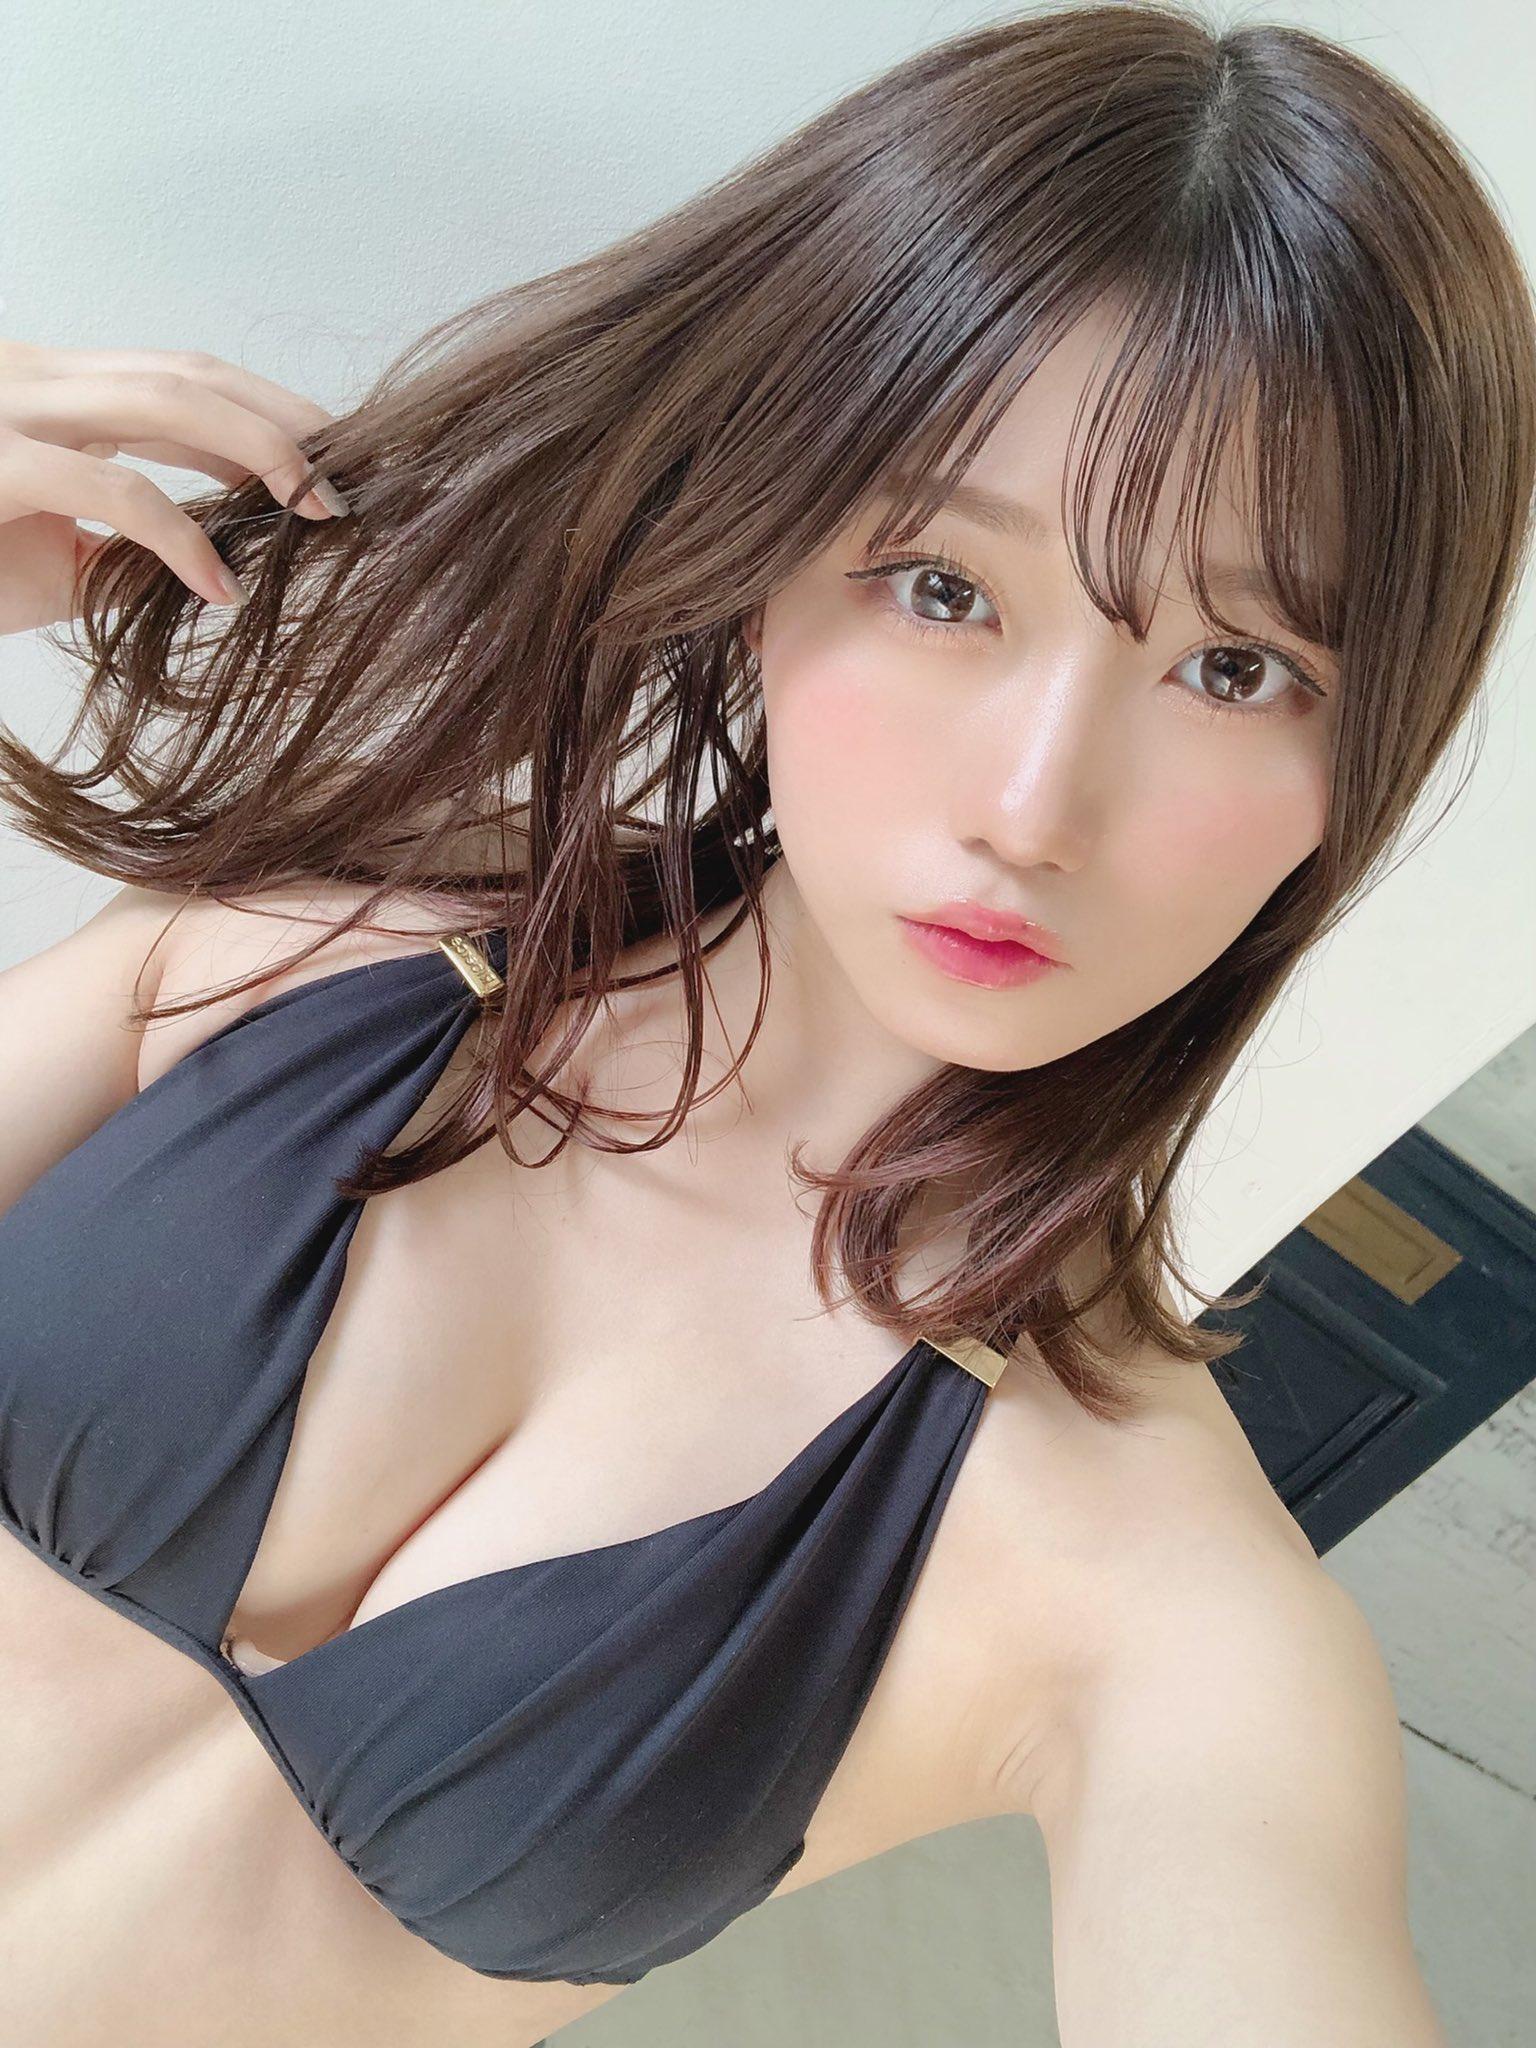 菖蒲まりん37